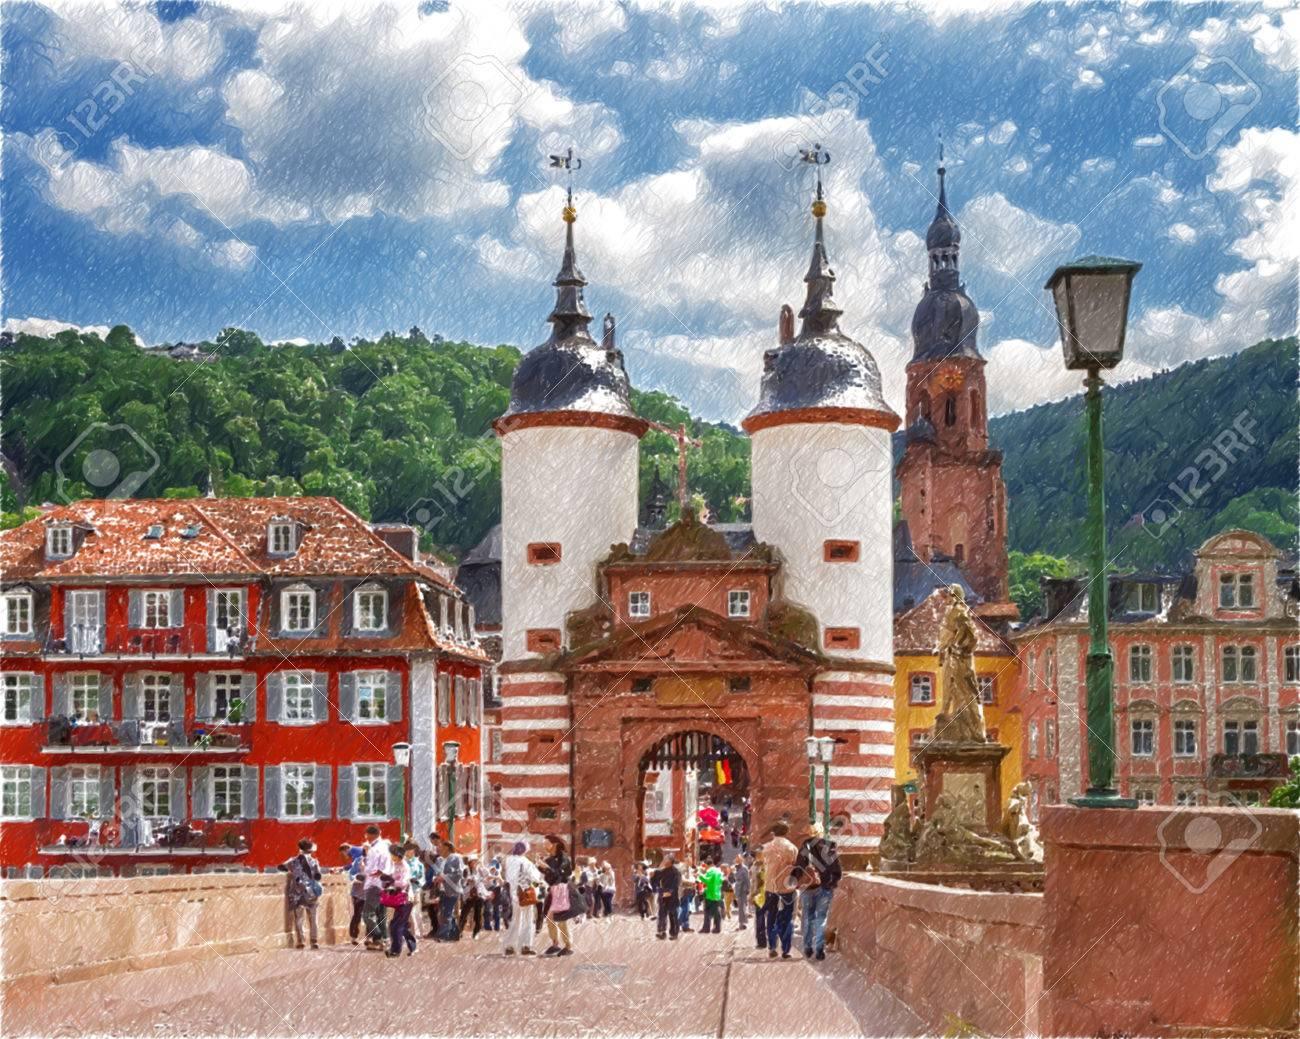 Beruhmte Alte Brucke Tor Heidelberg Deutschland Digitale Illustration In Draw Skizze Stil Lizenzfreie Fotos Bilder Und Stock Fotografie Image 68308173